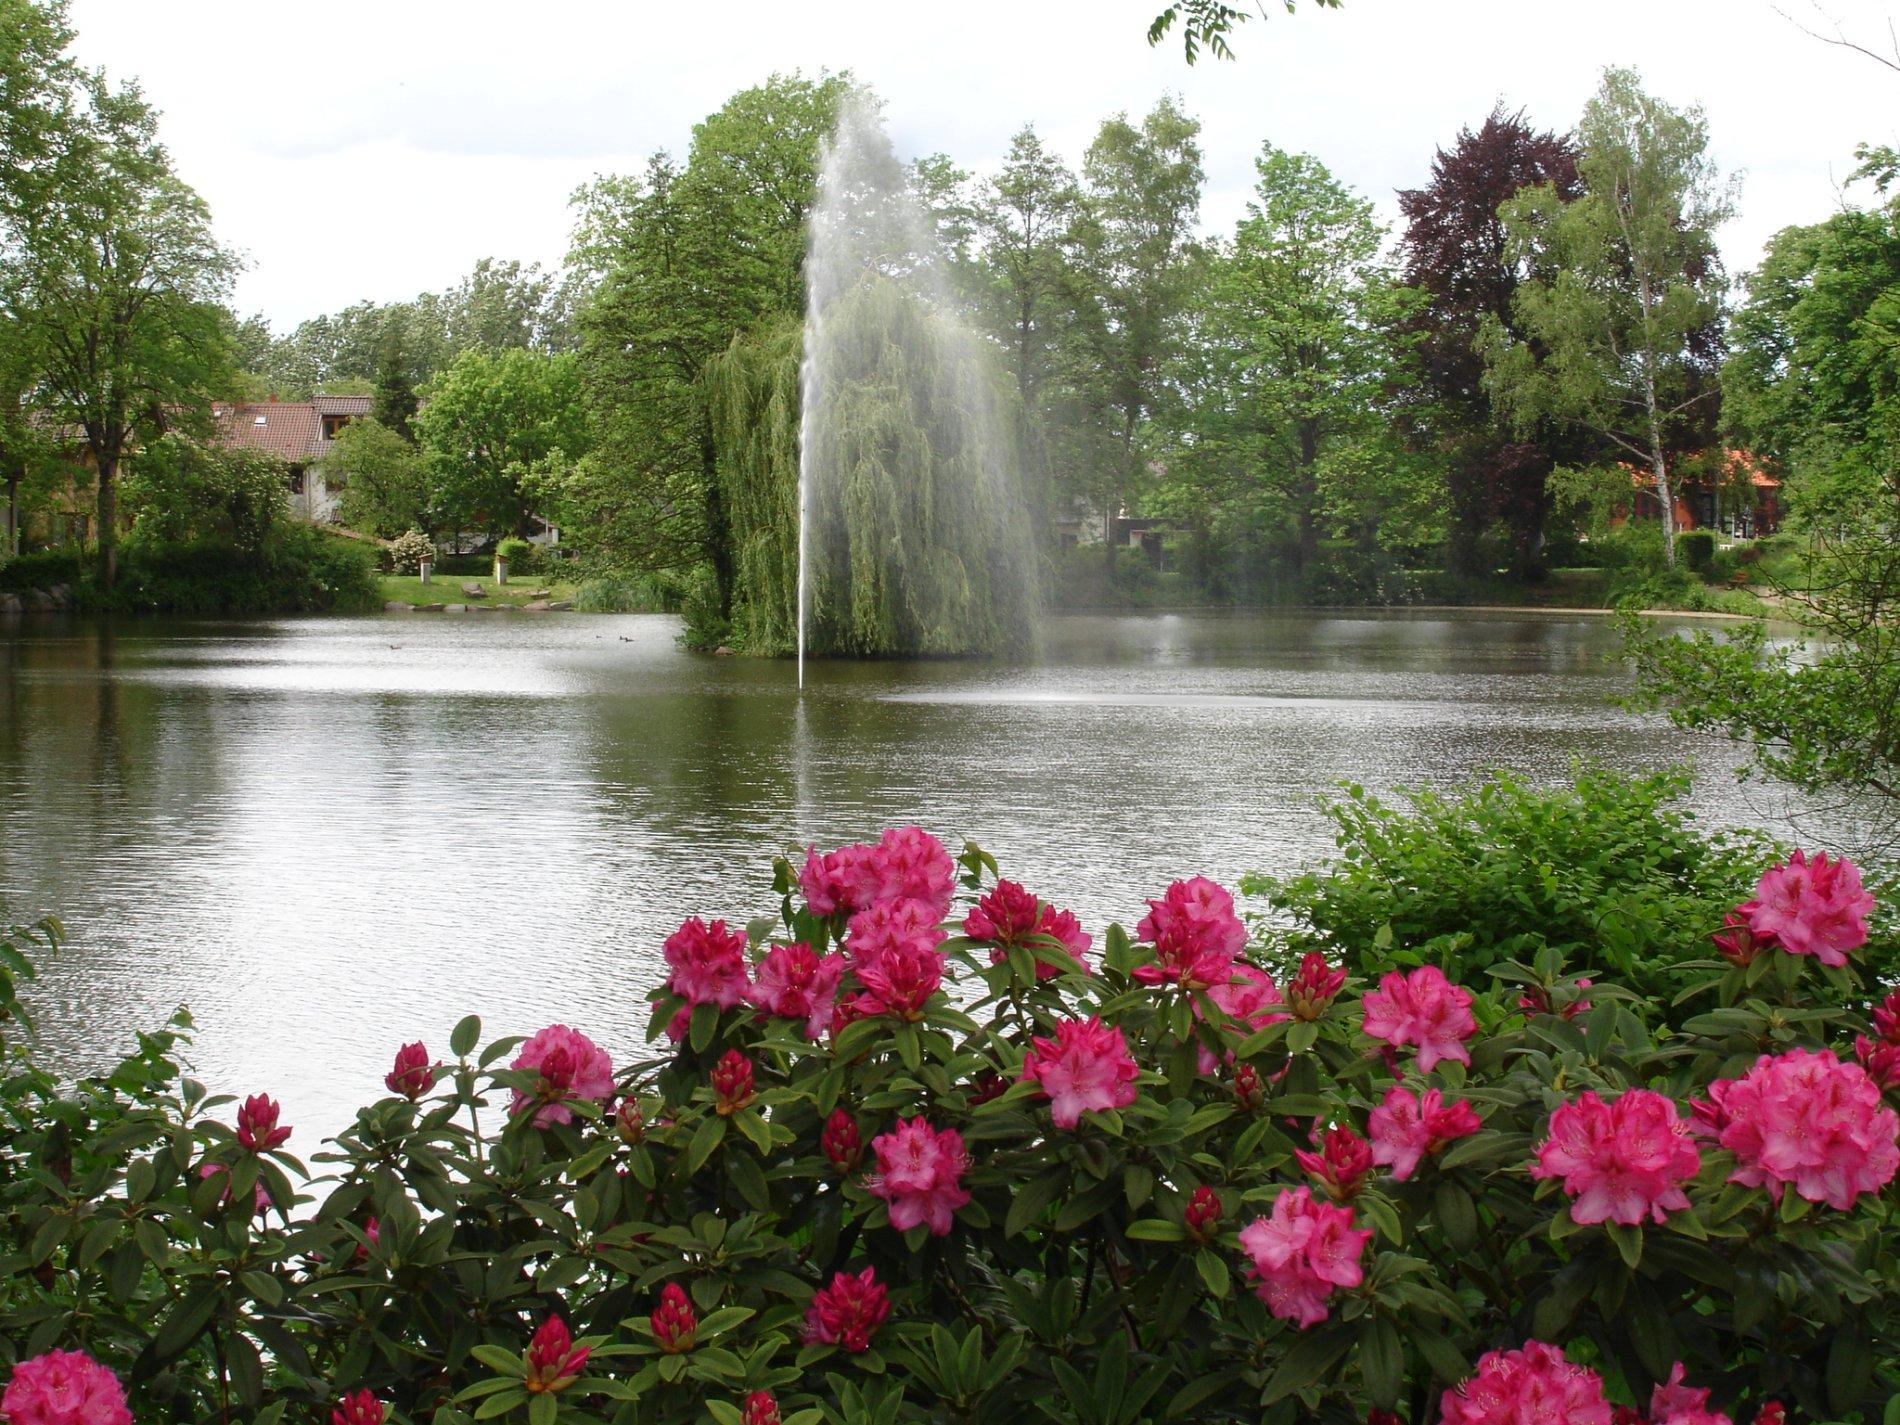 Blick über rosa Rosen auf den Staufener Stadtsee mit Fontäne in der Mitte